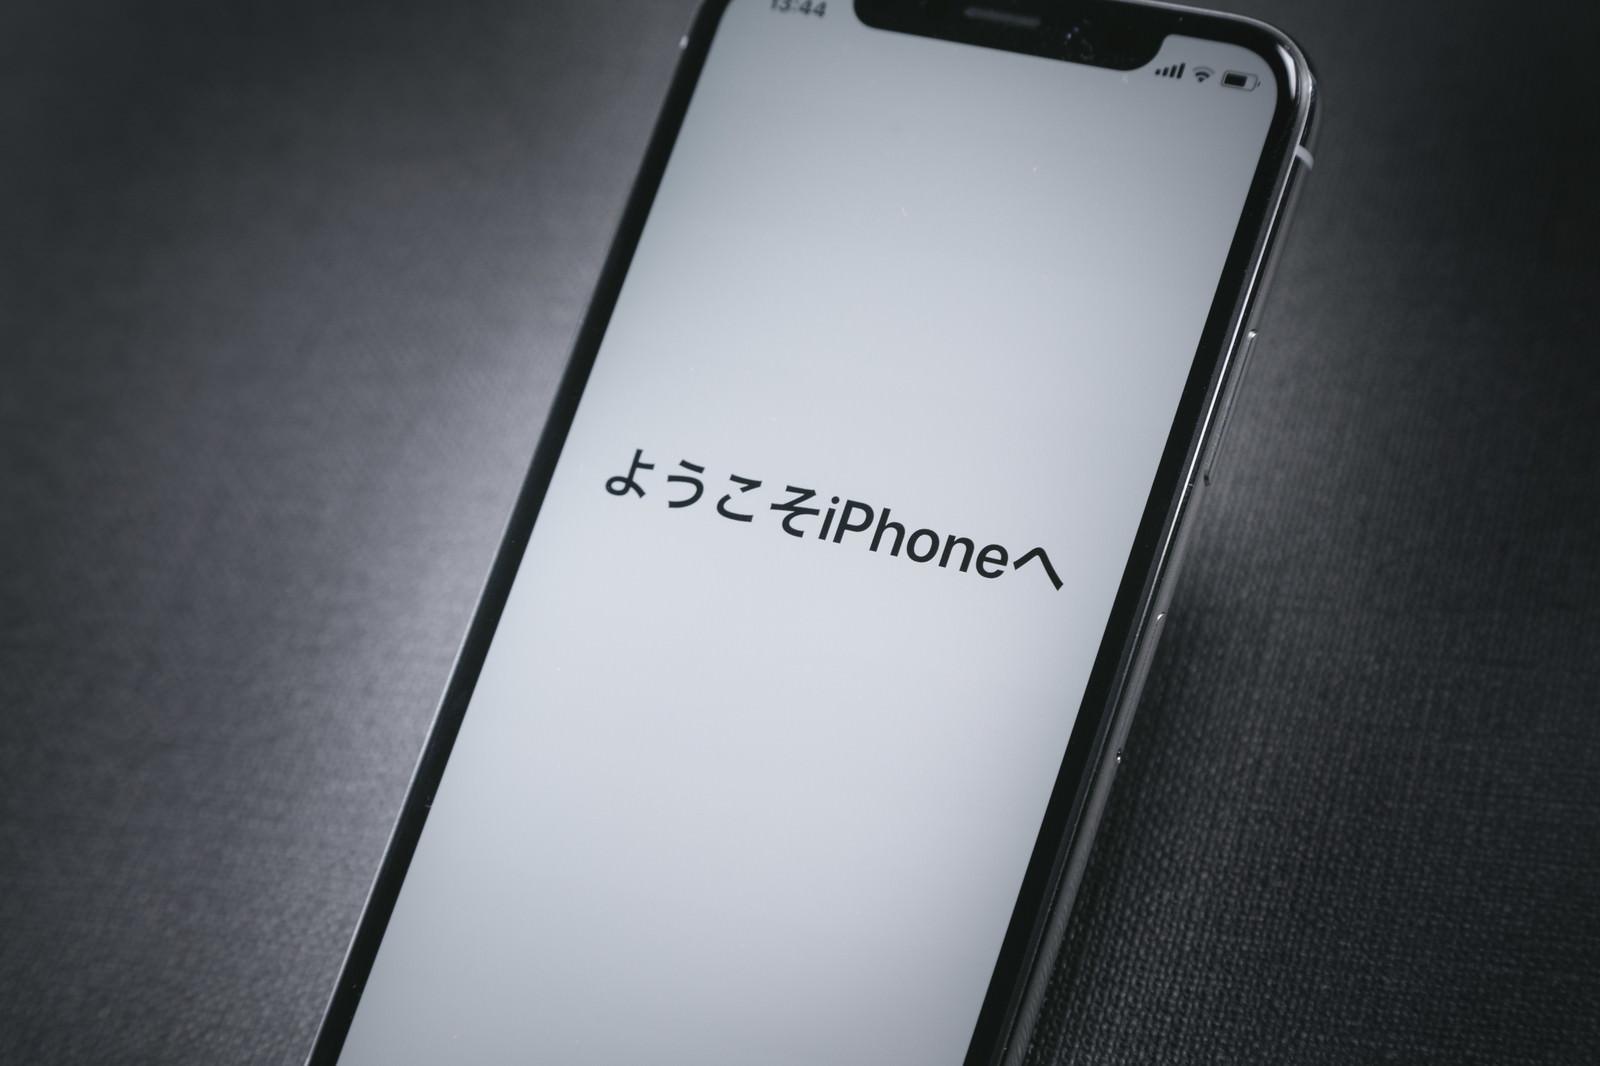 「「ようこそ iPhone へ」と表示された iPhone X「ようこそ iPhone へ」と表示された iPhone X」のフリー写真素材を拡大